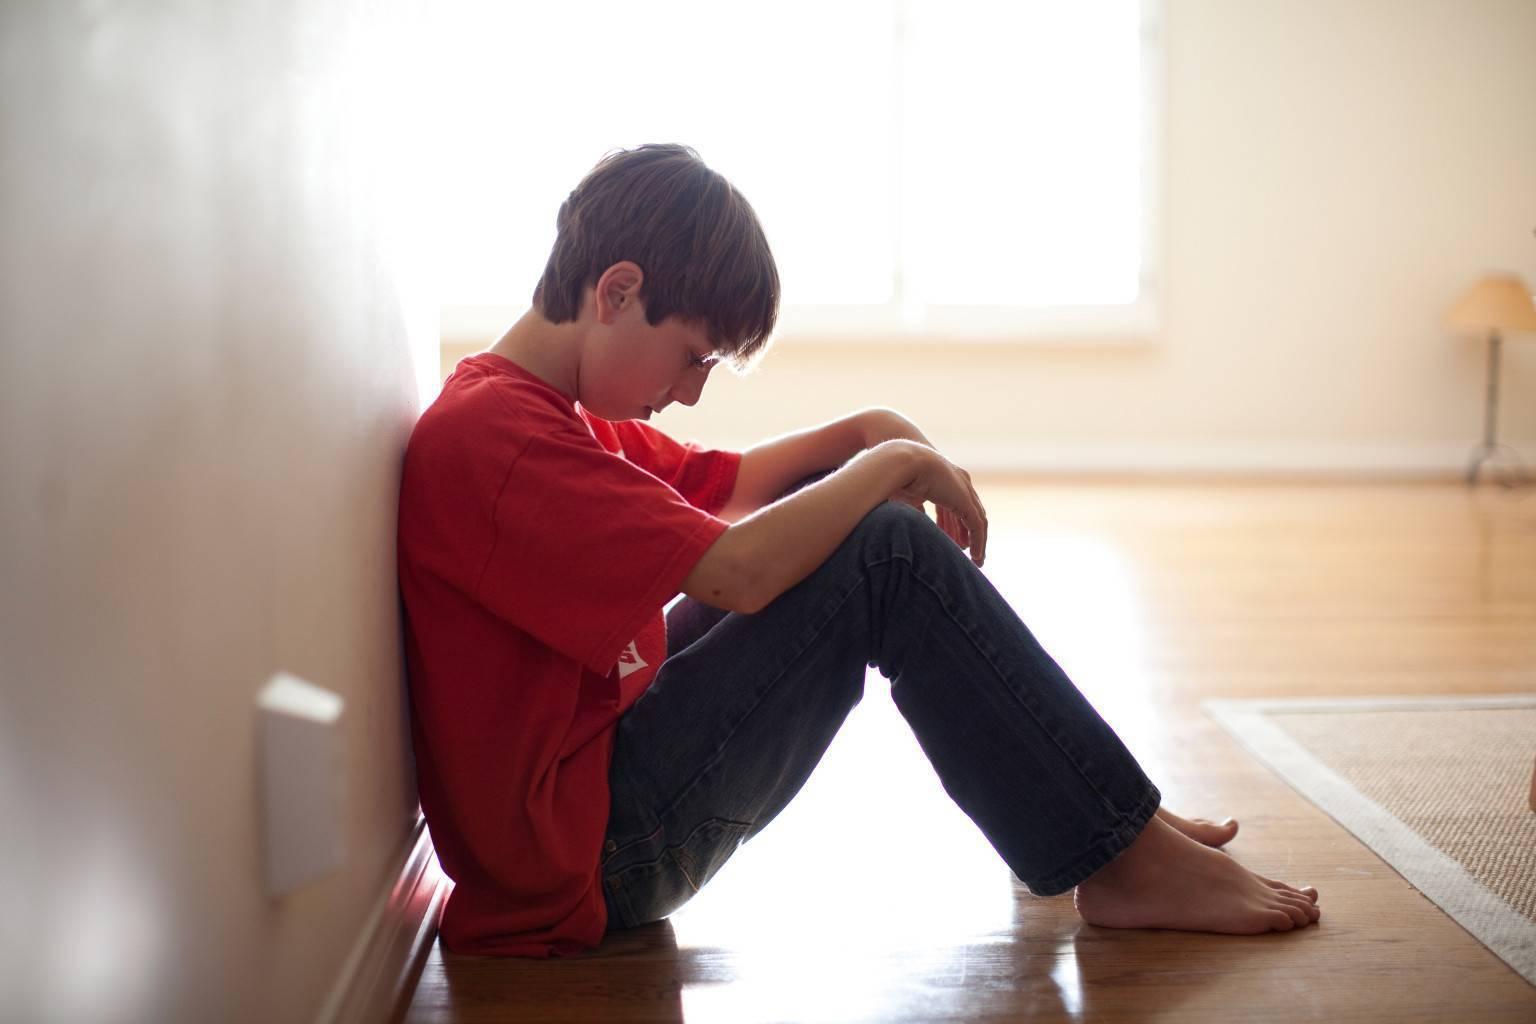 Депрессия у подростка: что делать? - медицинский портал eurolab